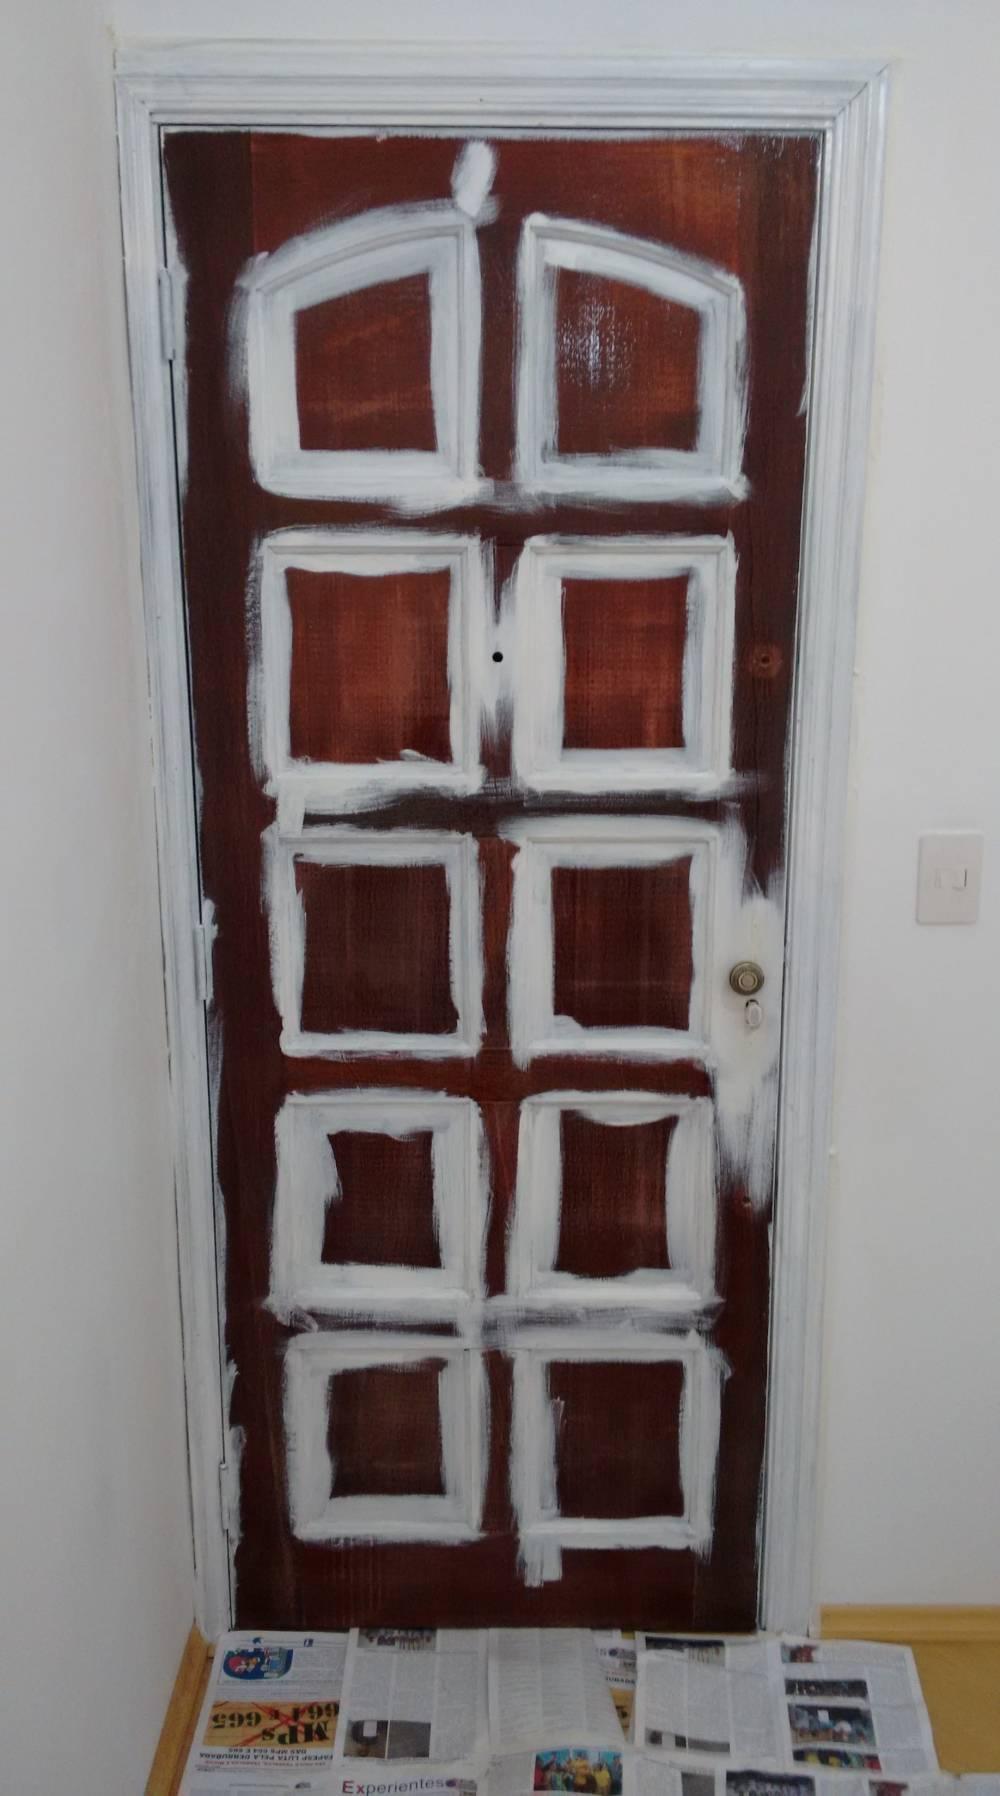 Reparos Residenciais no Jardim da Glória - Reparos Residenciais em SP